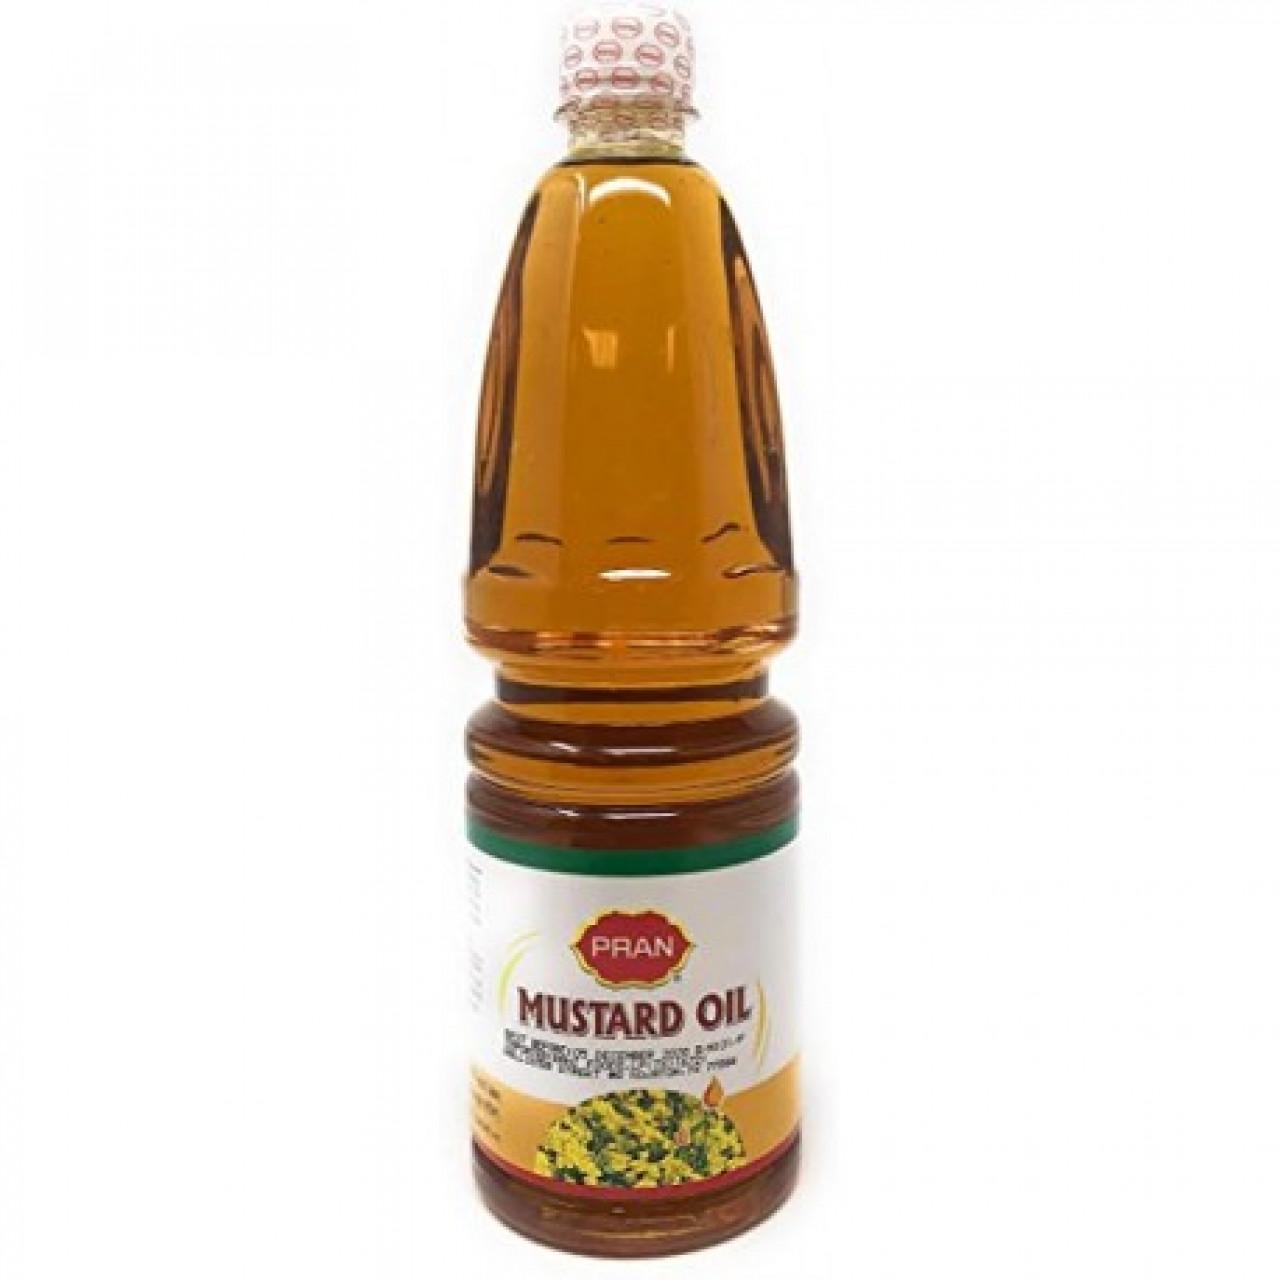 Pran Mustered Oilマスタドオイル (1000ml)-JBN